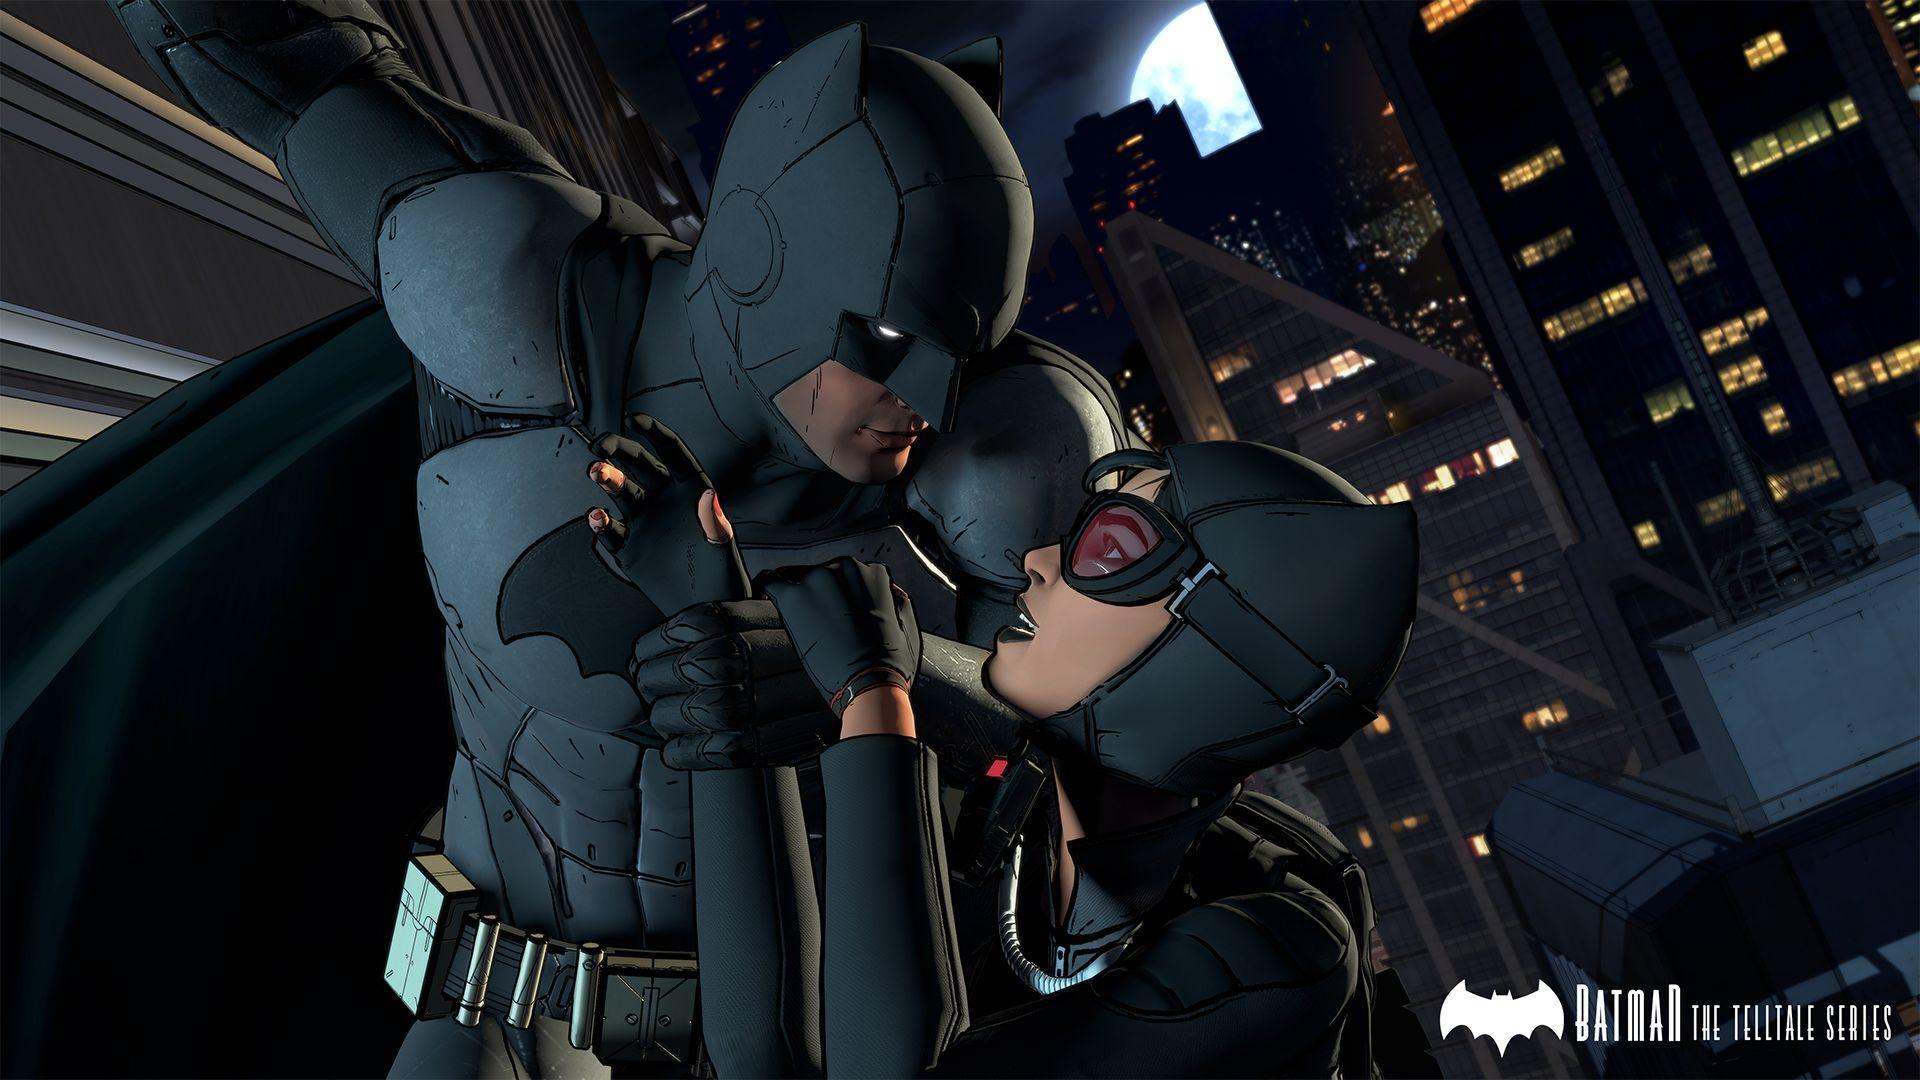 Le jeu vous permet de rencontrer plusieurs personnages connus de la célèbre bande-dessinée, comme Catwoman | Batman : A Telltale Series